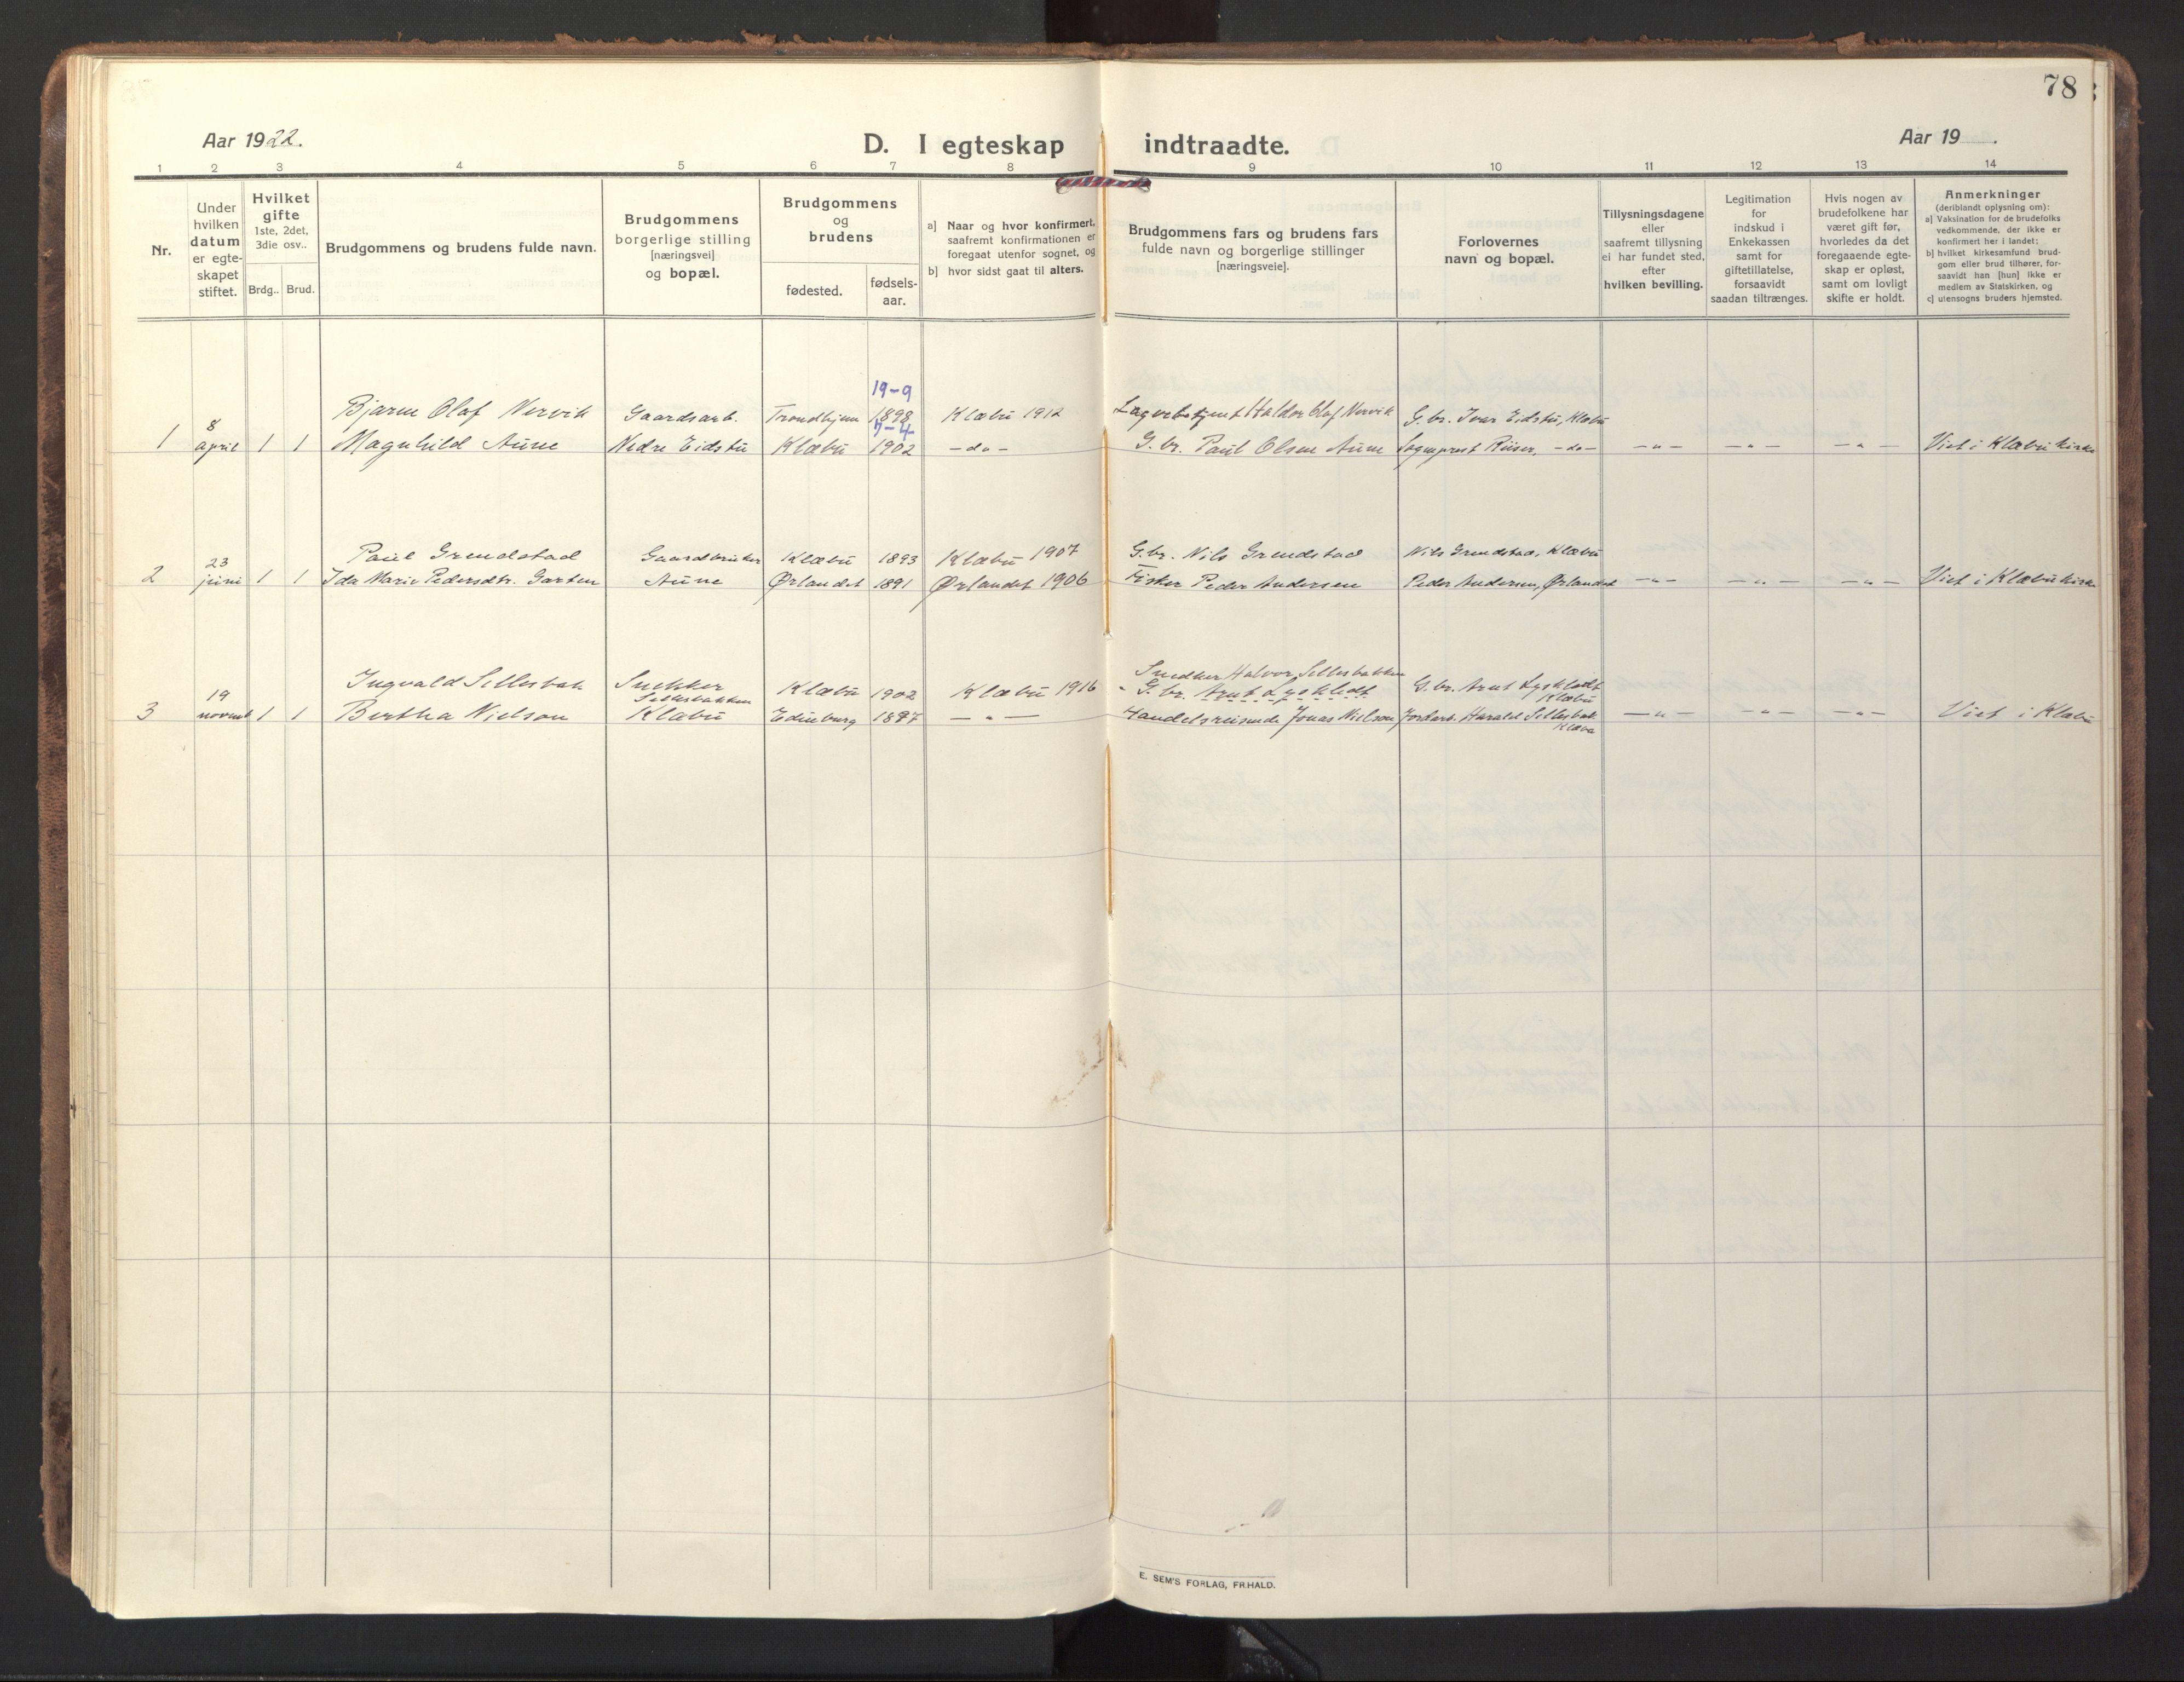 SAT, Ministerialprotokoller, klokkerbøker og fødselsregistre - Sør-Trøndelag, 618/L0449: Ministerialbok nr. 618A12, 1917-1924, s. 78